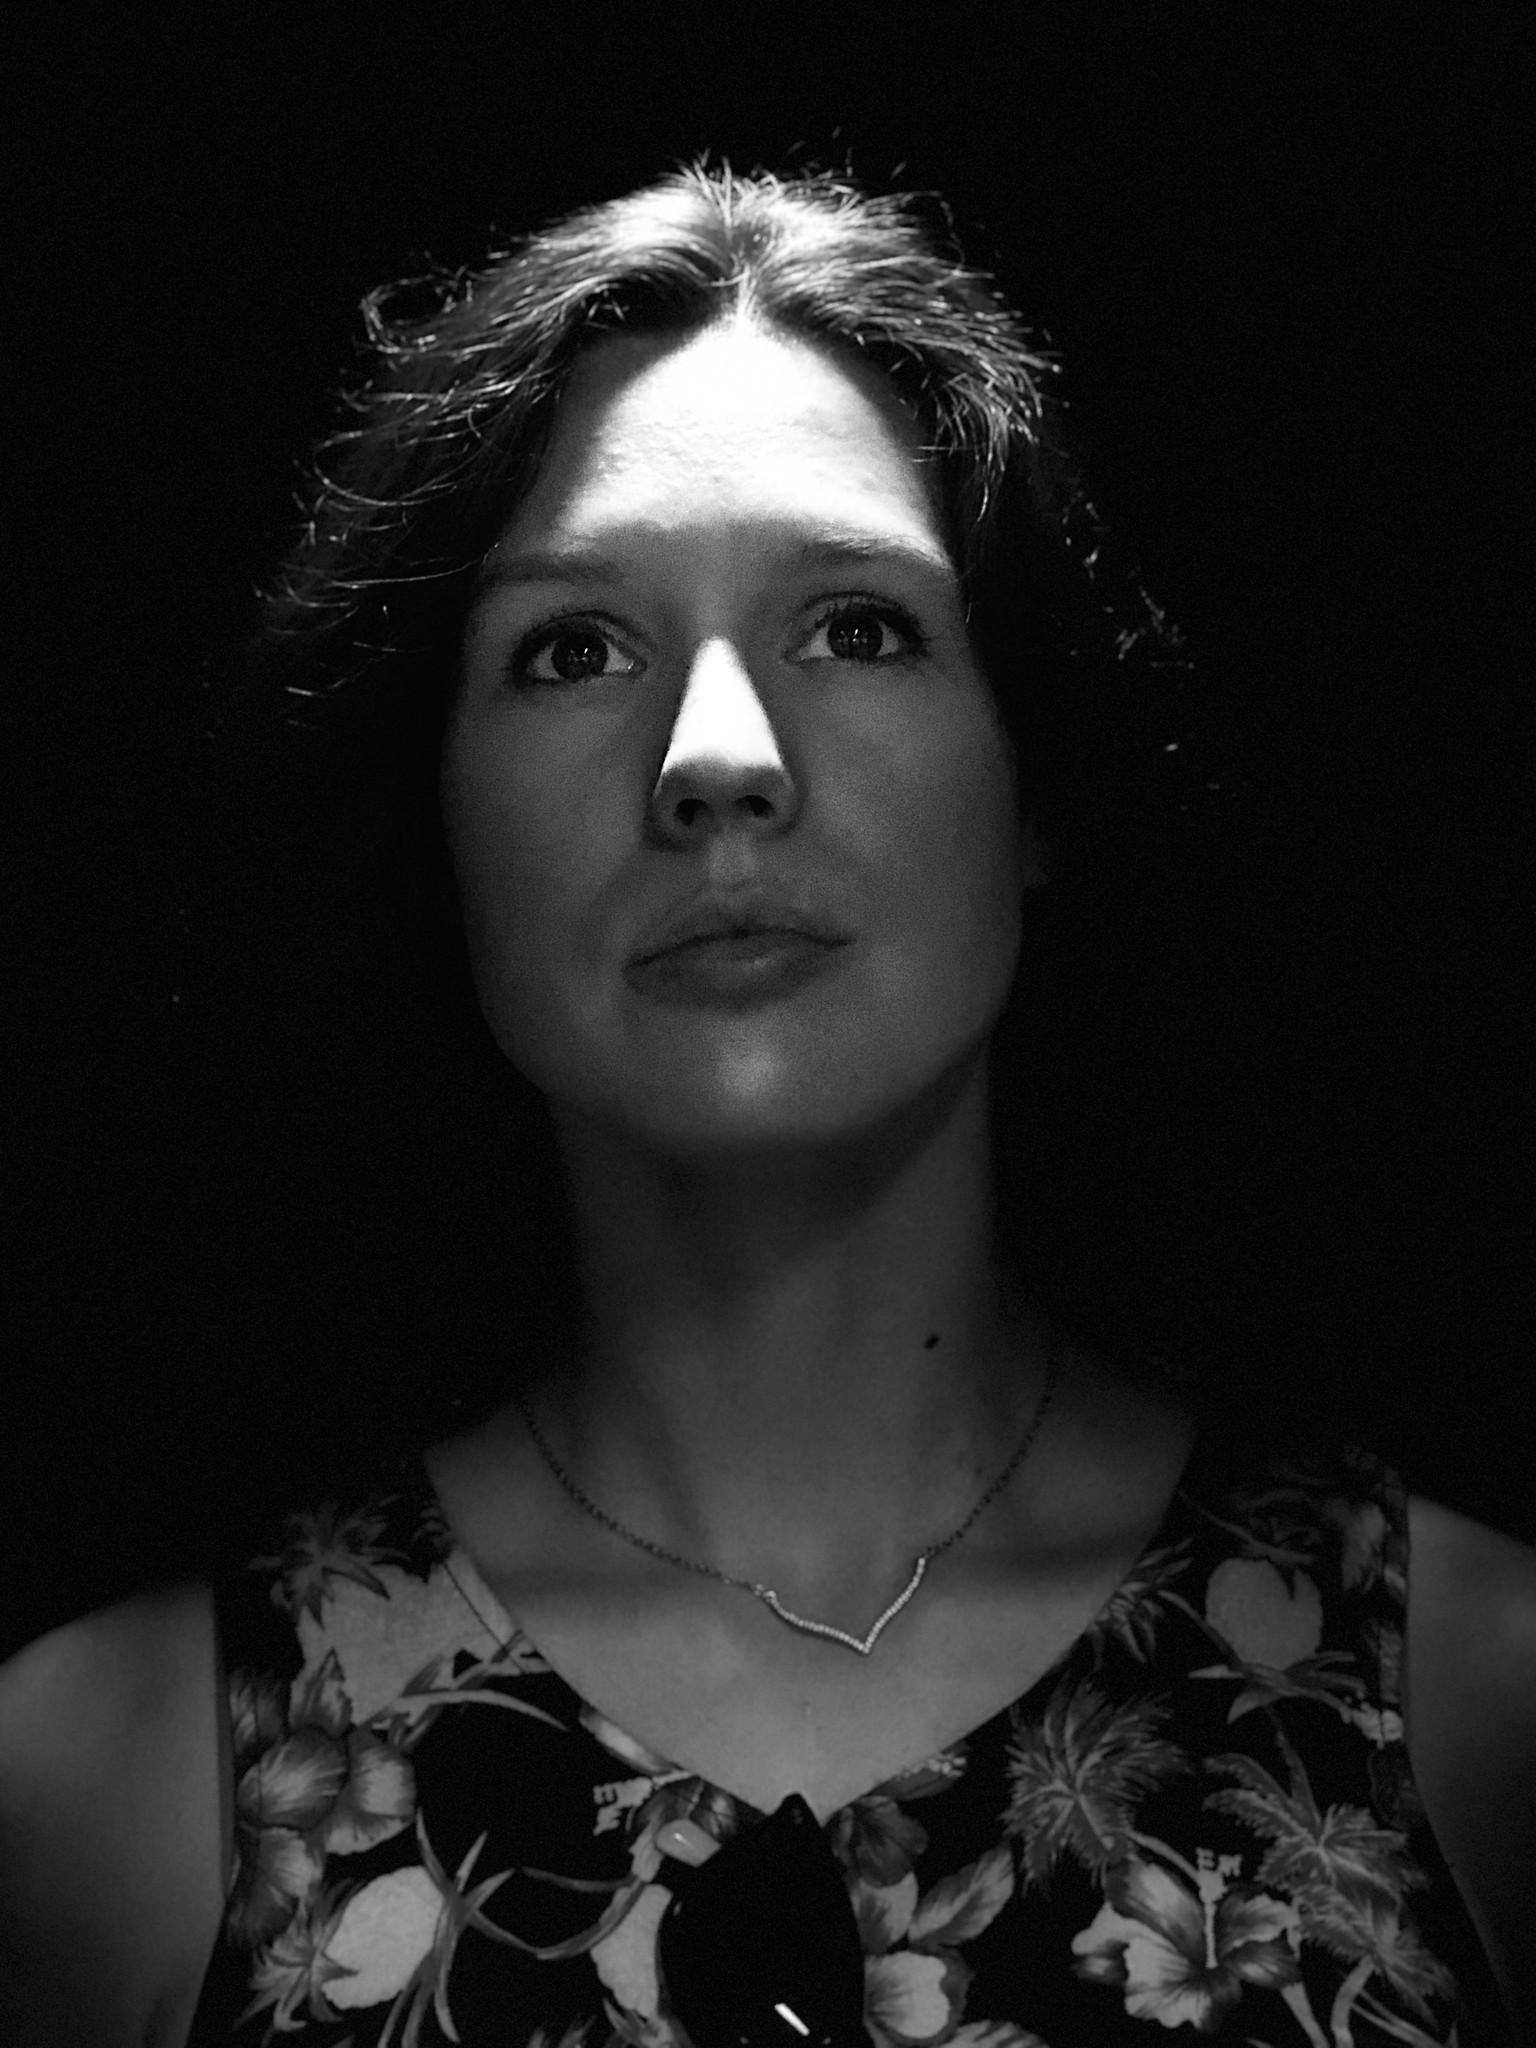 Как использовать портретный режим и портретное освещение в iPhone X - Монохромное сценическое освещение